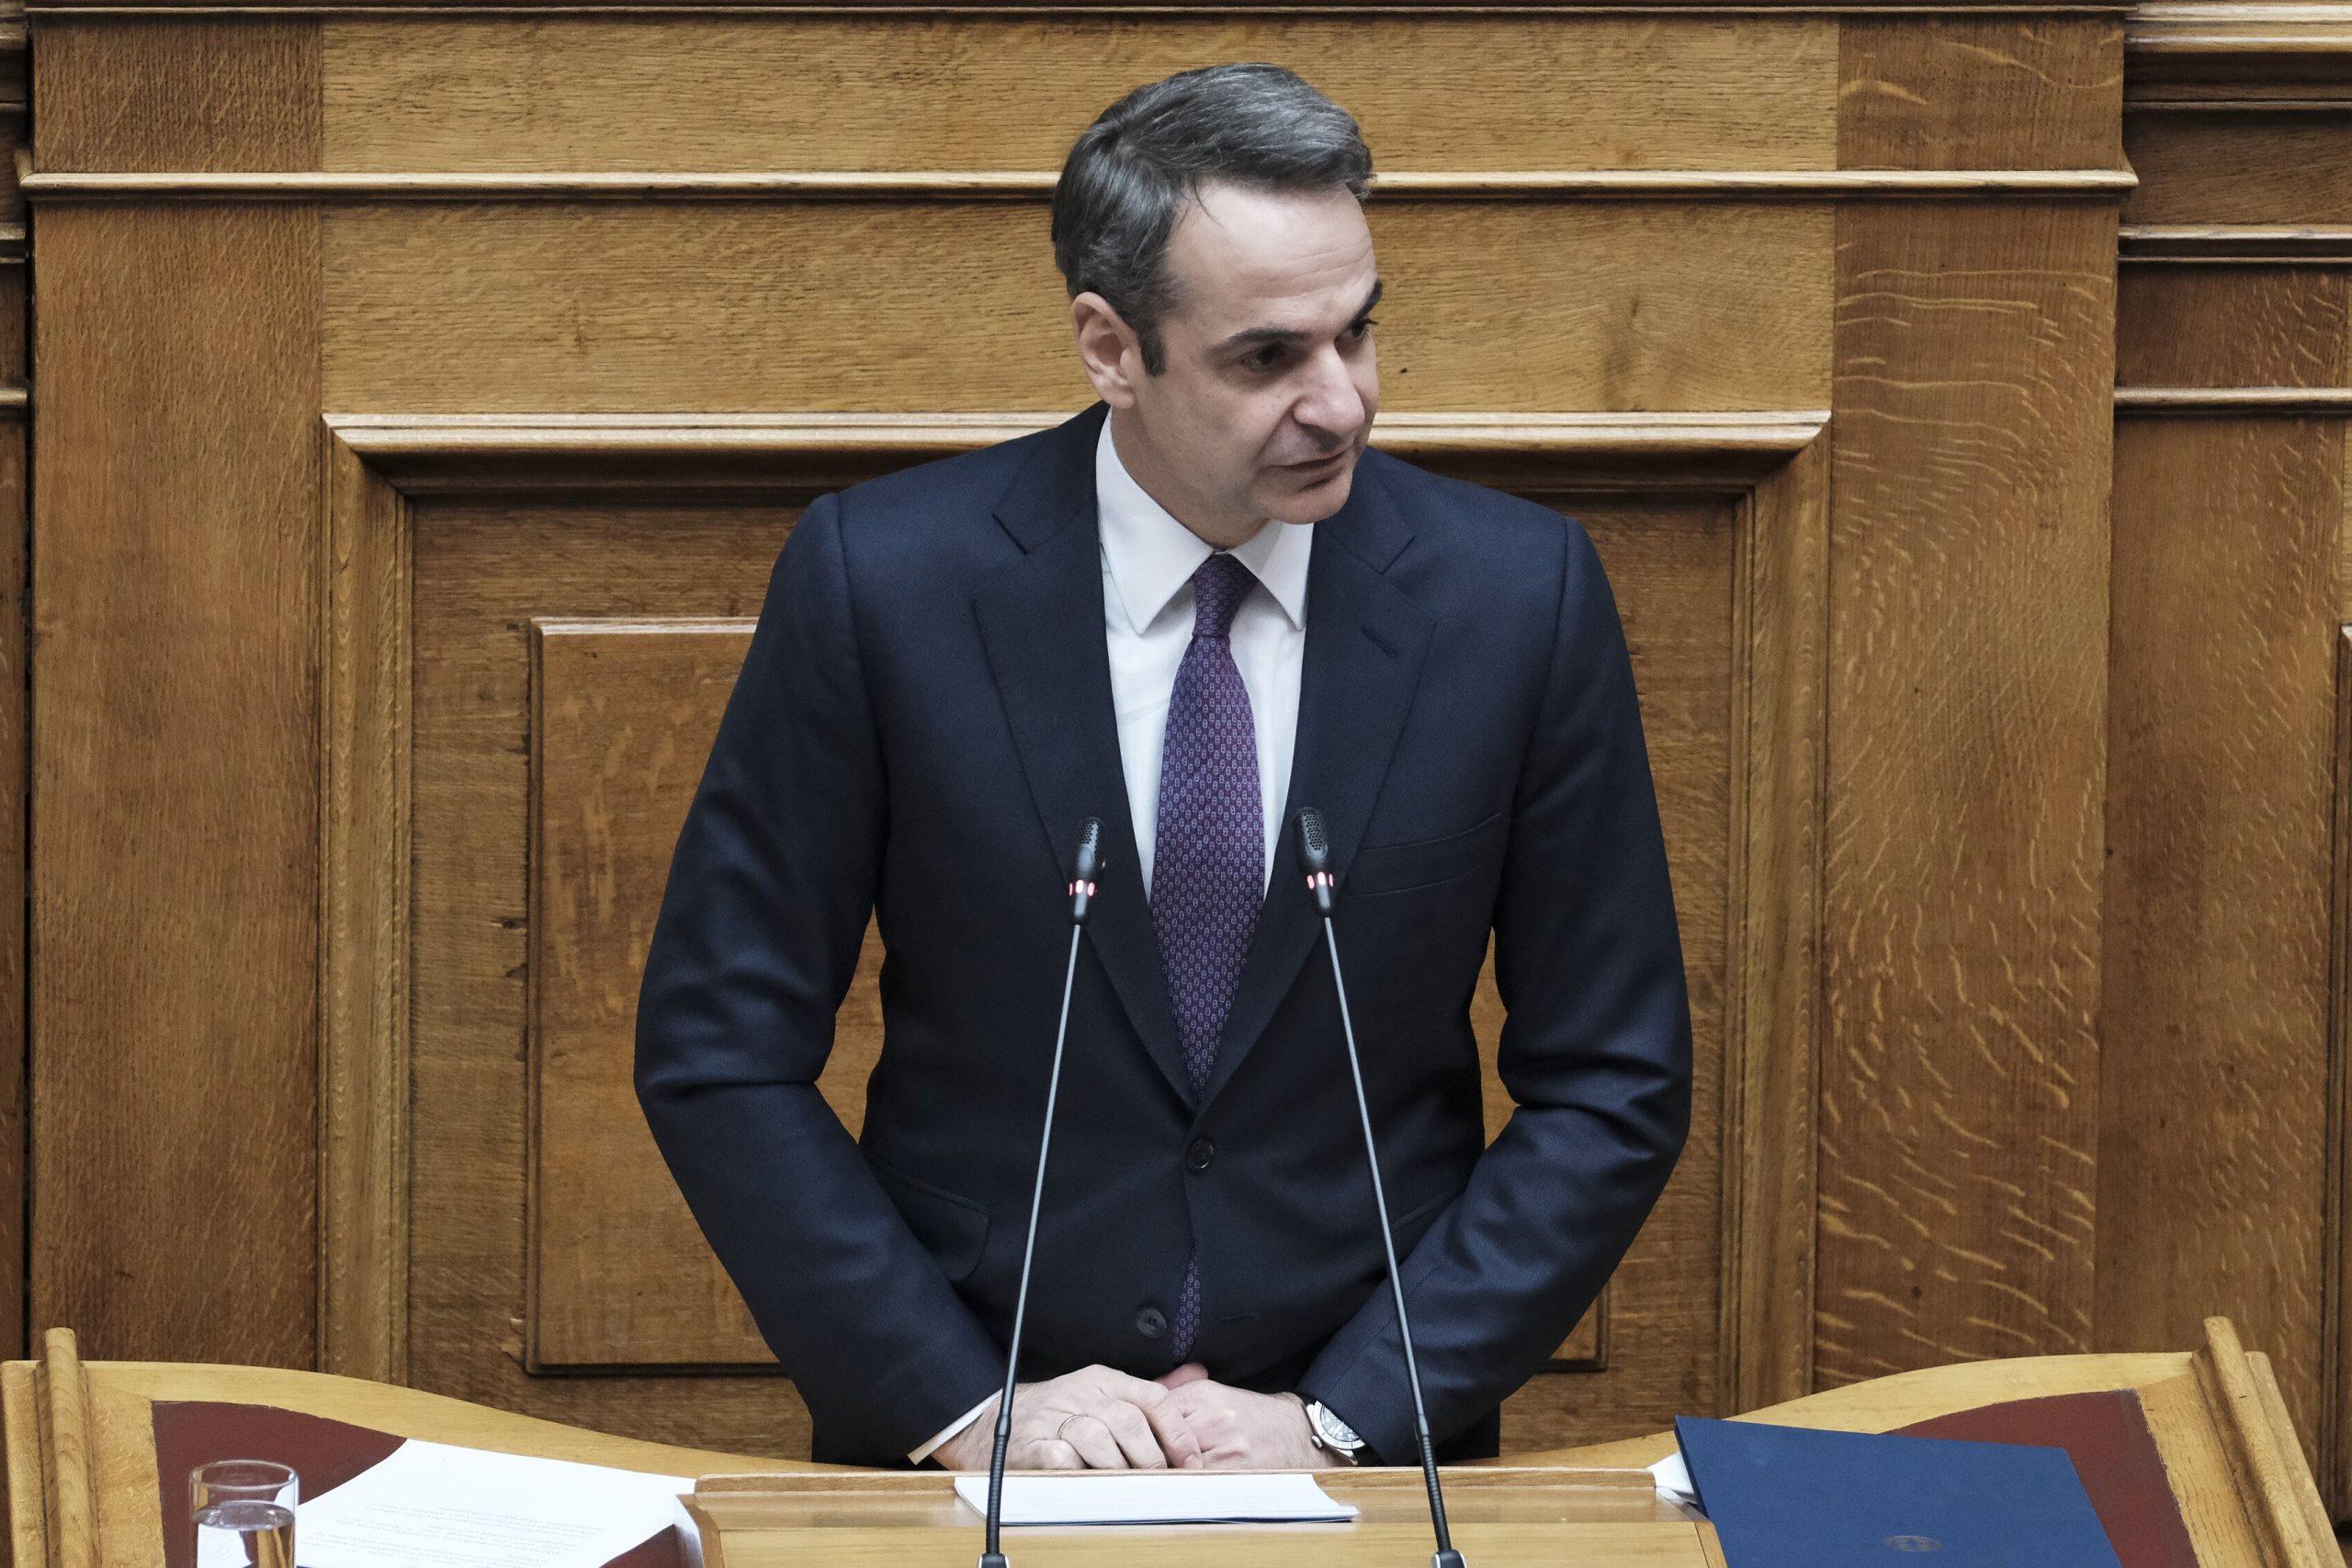 Νέα μέτρα για πρώτη κατοικία, 800 ευρώ και στήριξη επιχειρήσεων